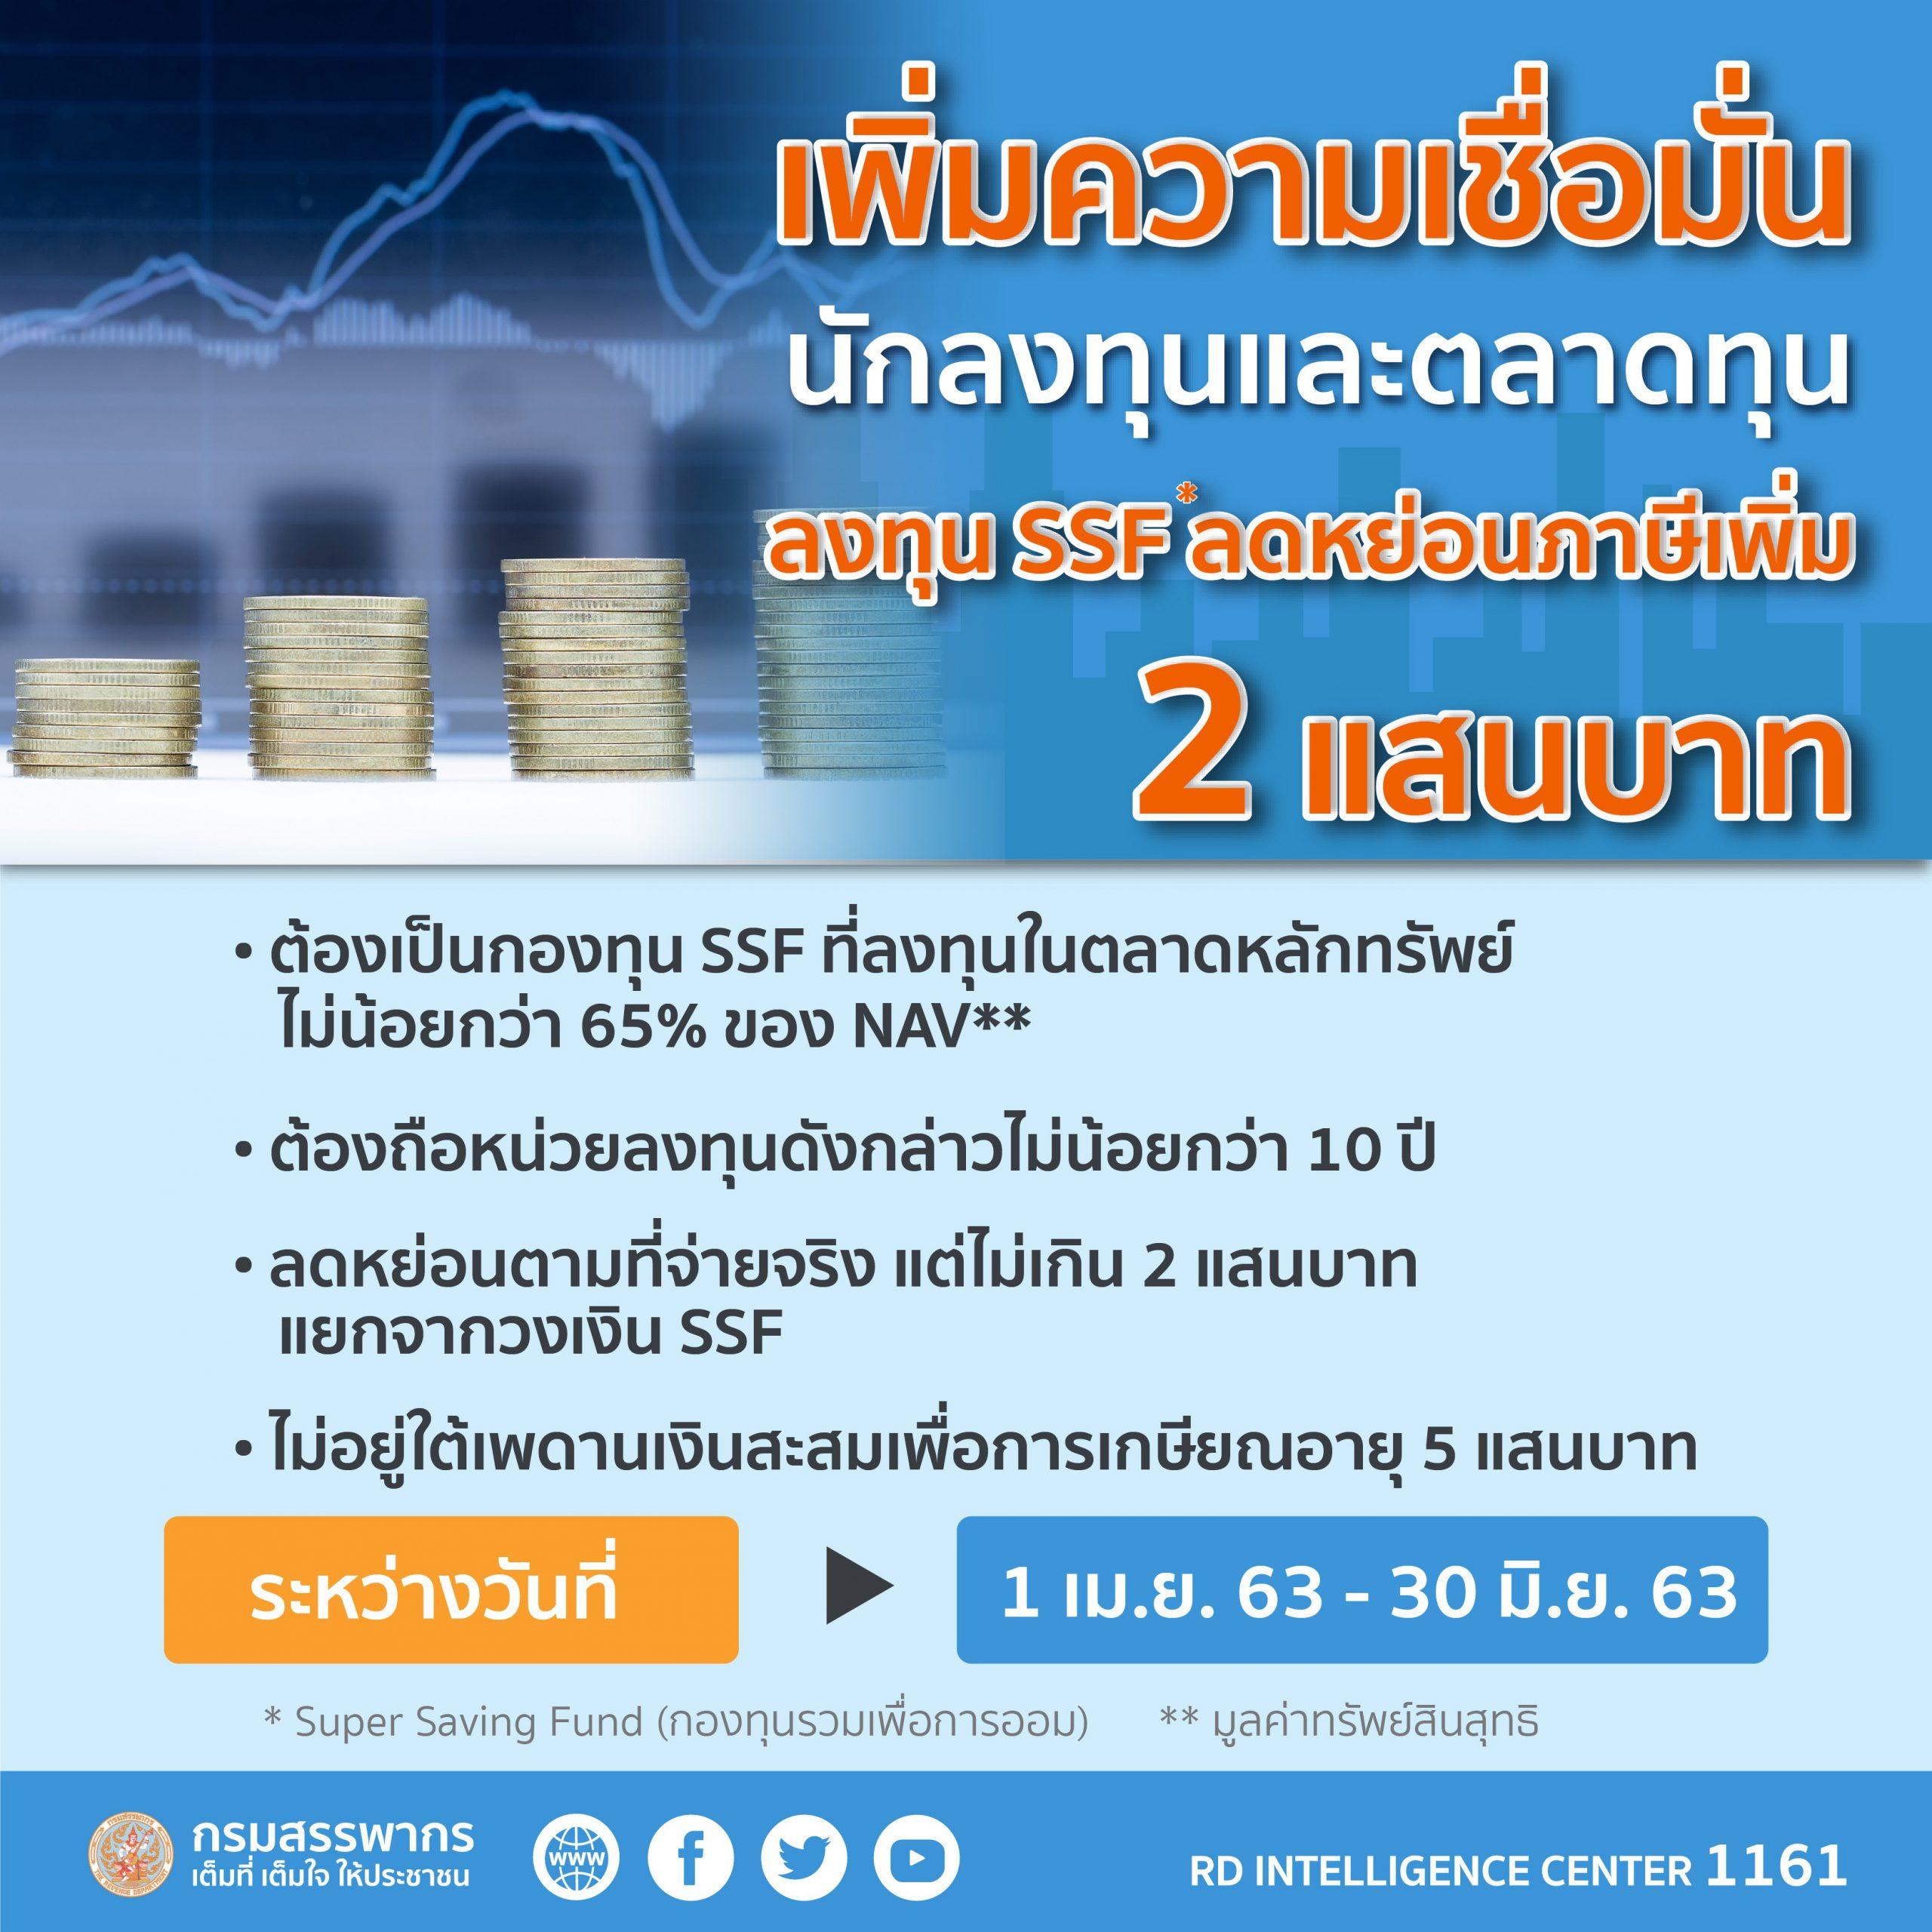 มาตรการ ลดหย่อนภาษี 2 แสน